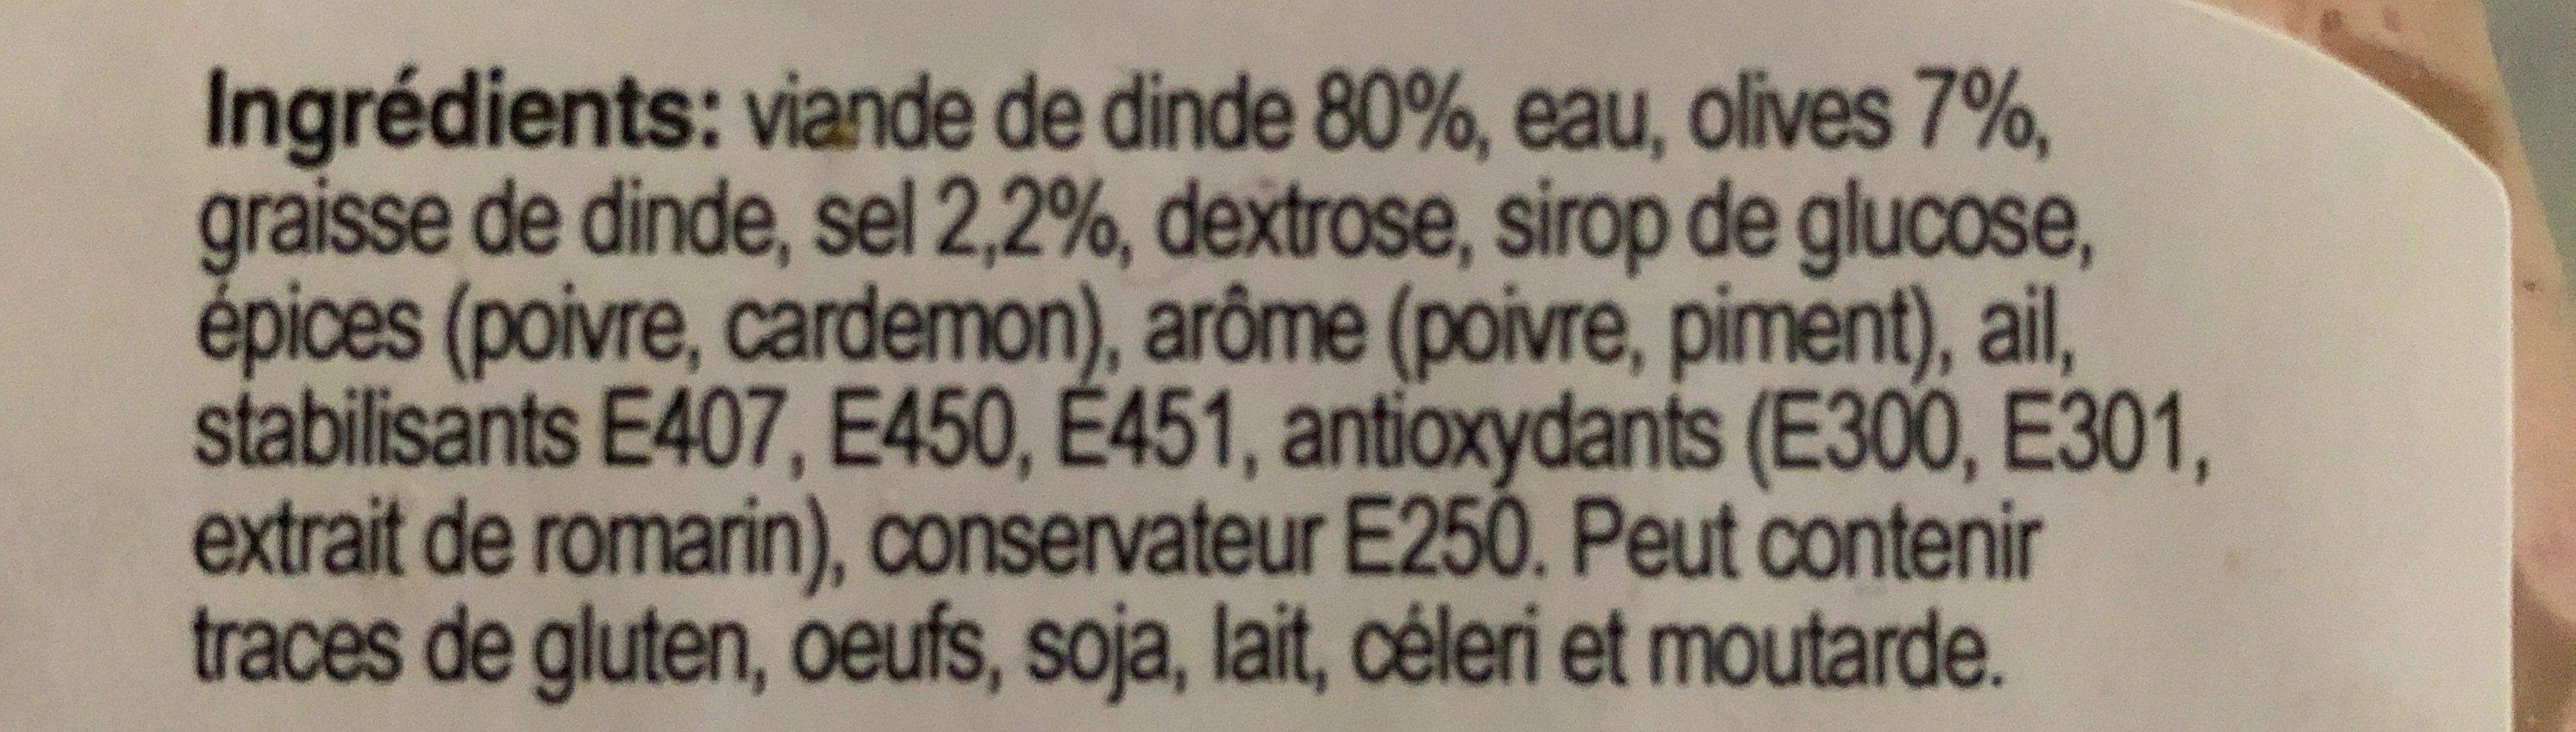 Roulade de volaille - Ingrediënten